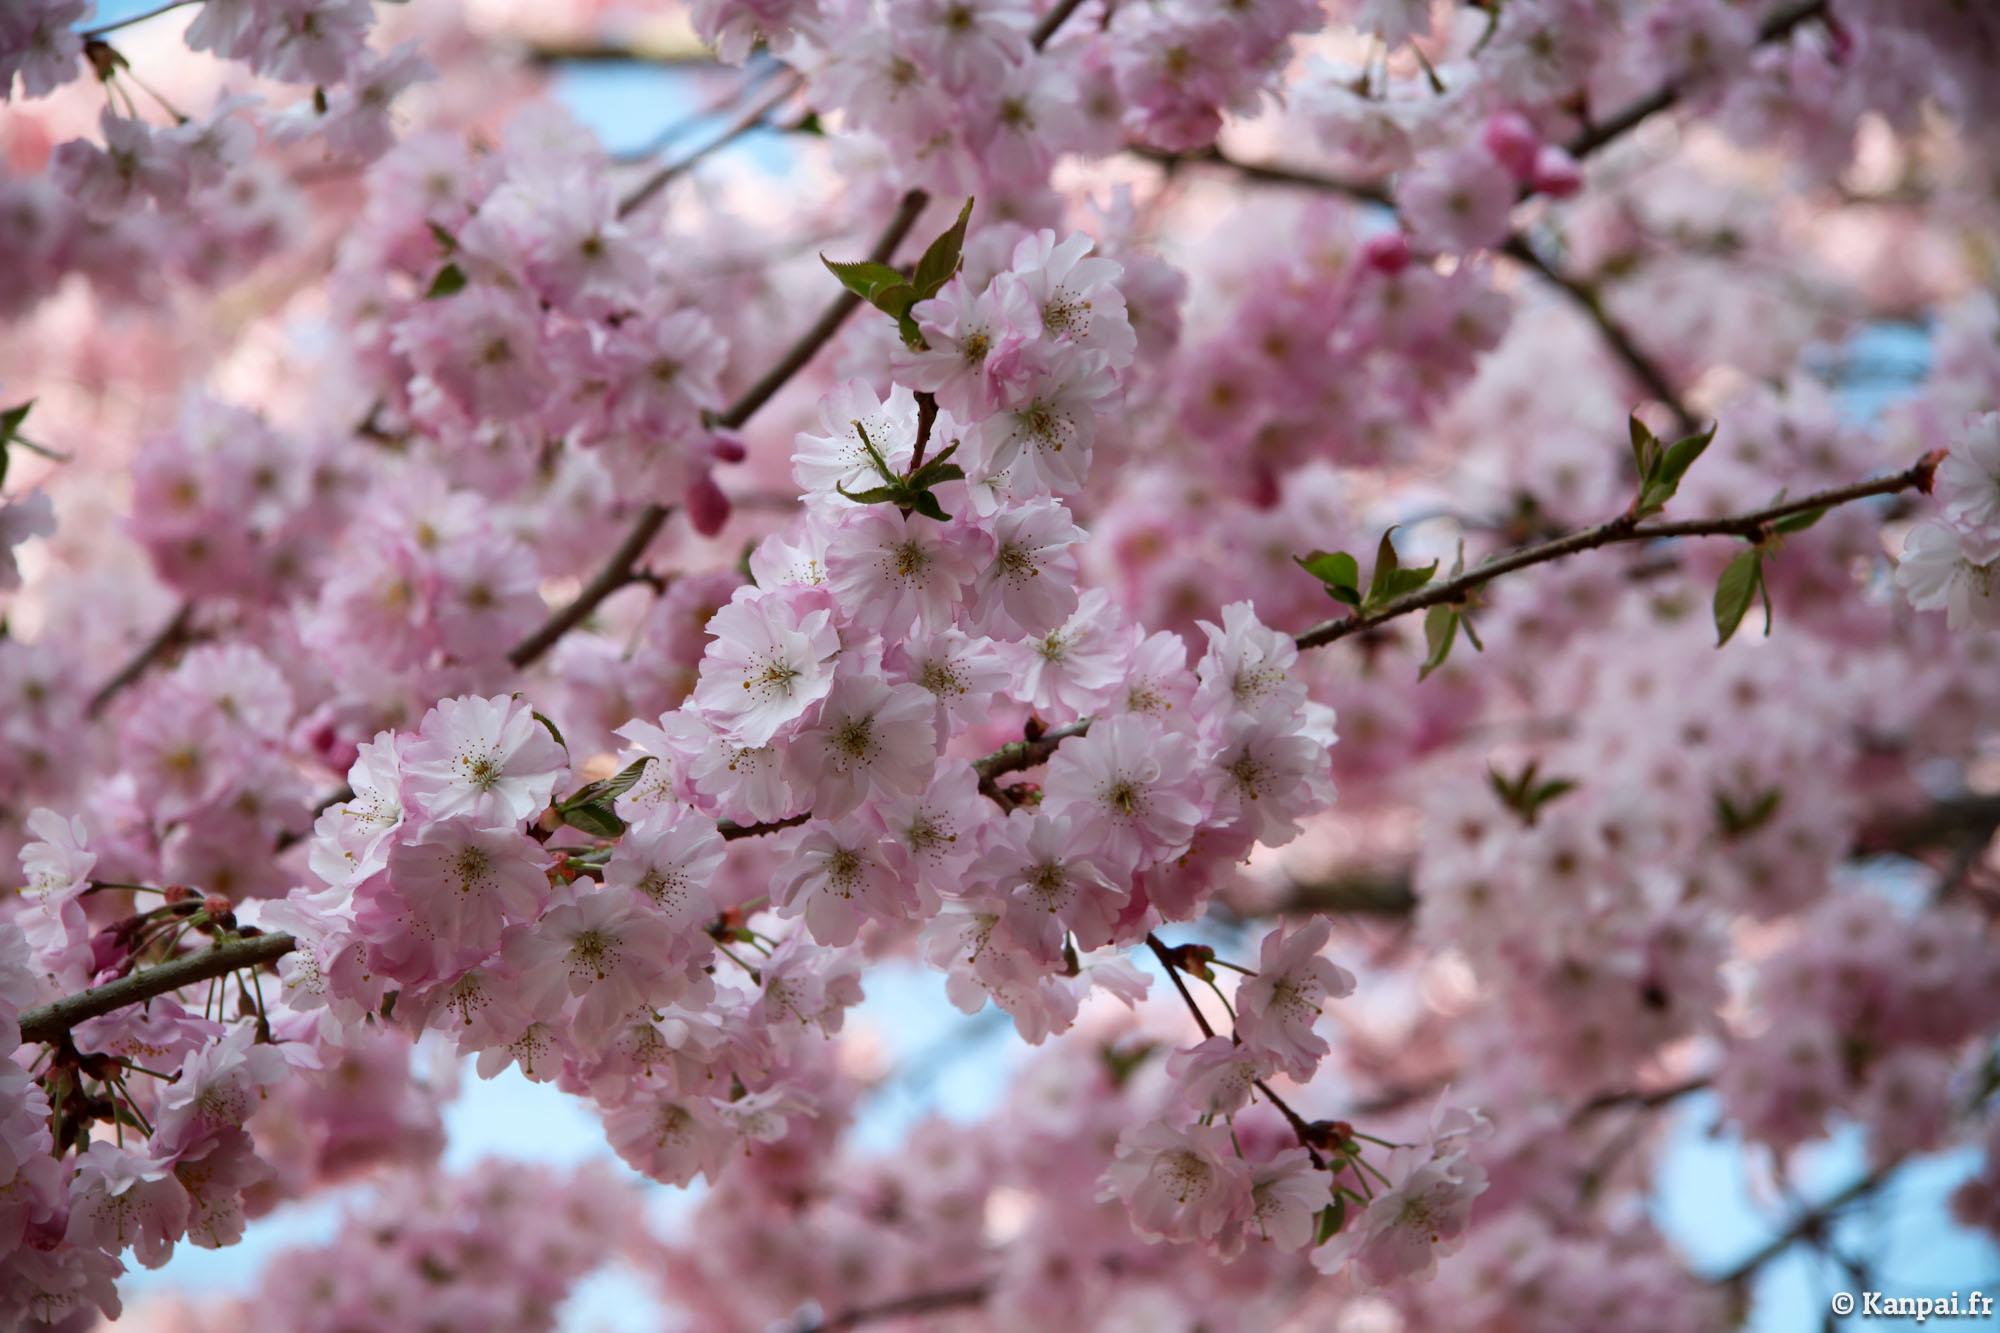 photos de cerisiers du japon en fleurs du japon et des fleurs. Black Bedroom Furniture Sets. Home Design Ideas